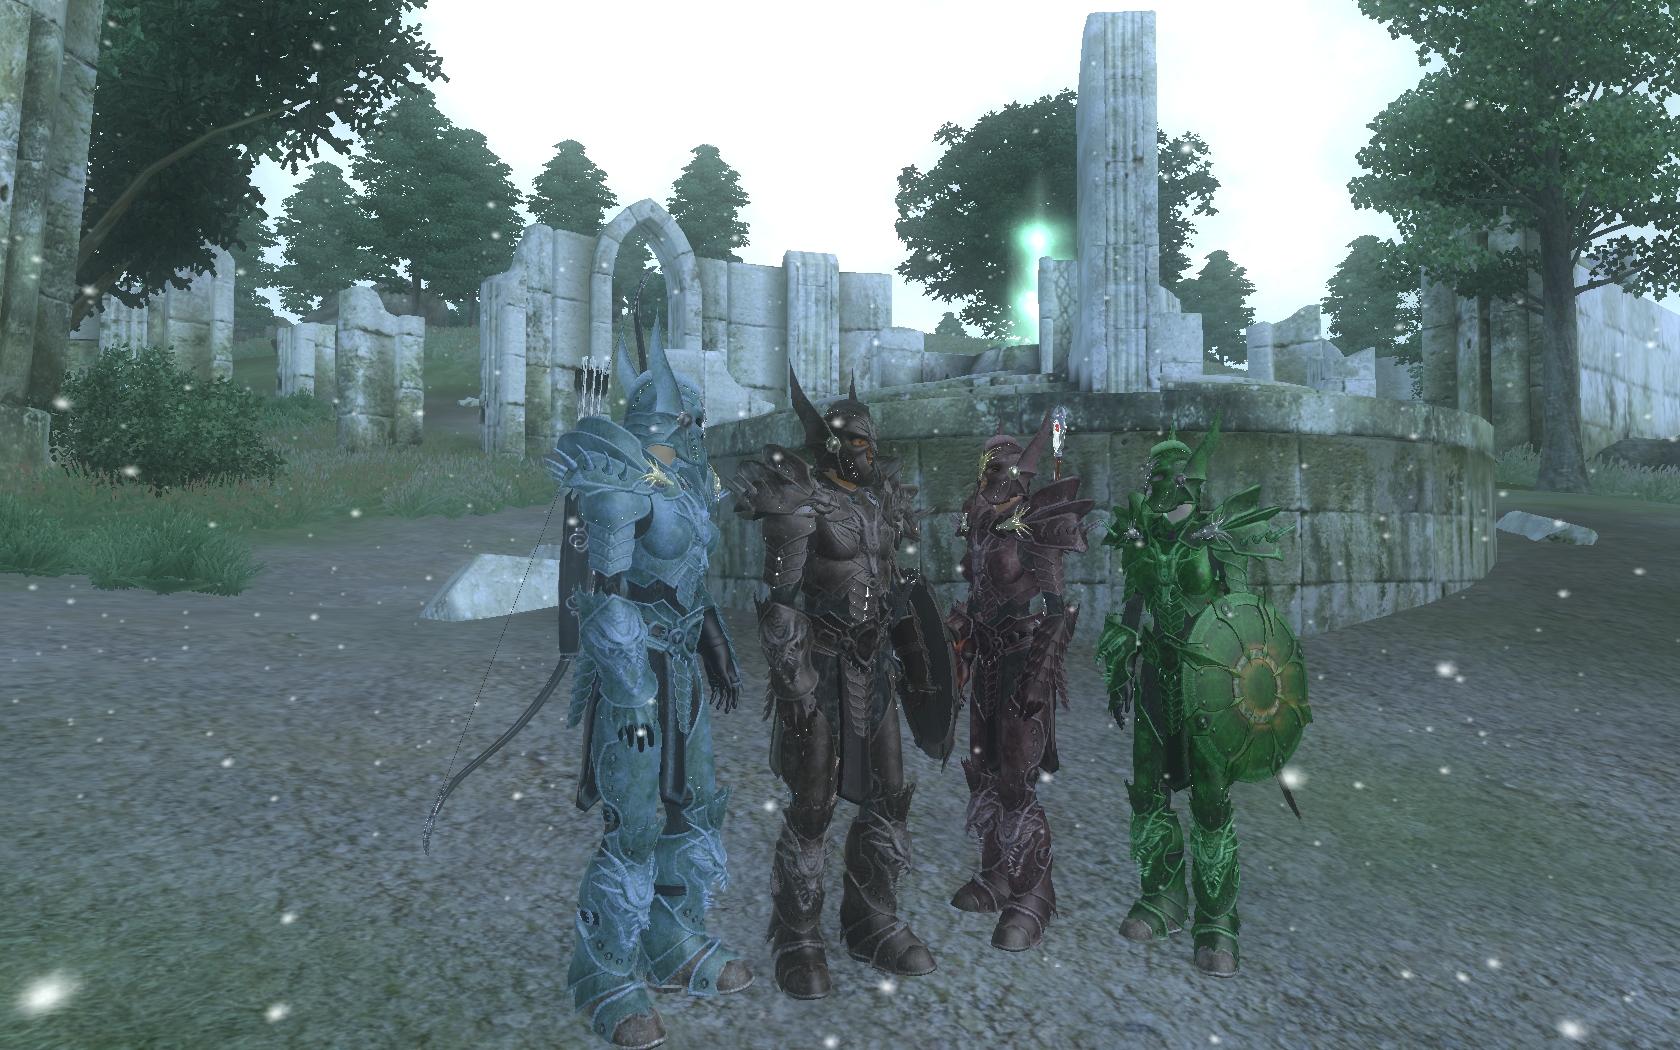 The Elder Scrolls IV: Oblivion v11511 patch - Free